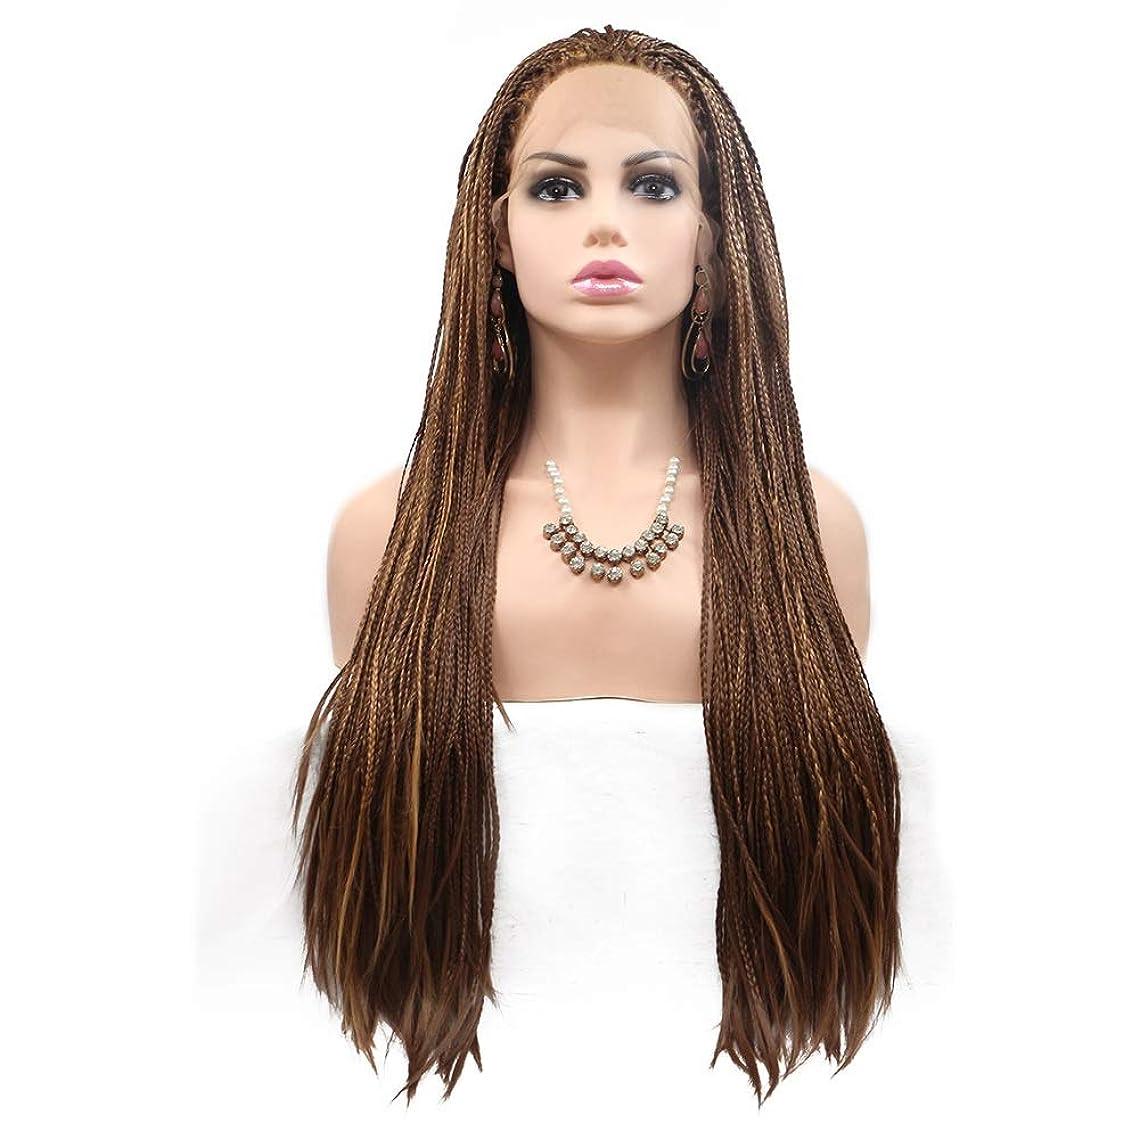 手数料信頼性いたずらZXF ヨーロッパとアメリカのかつらで染められた長い巻き毛の女性は、化学繊維かつらの毛髪セットの真ん中に設定 - 小さなピンセット - 茶色 - 長い髪 美しい